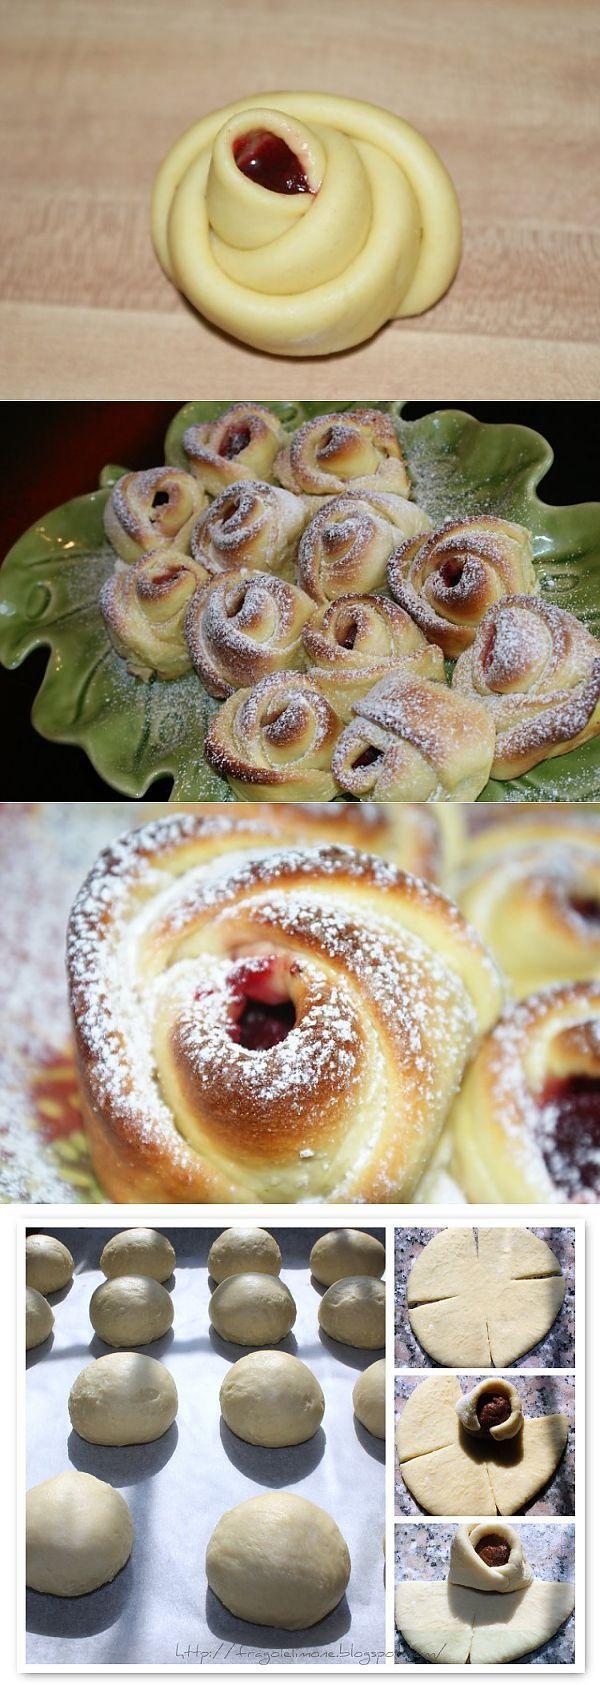 Façonnage brioche: roses fourrées confiture,  chocolat, crème...